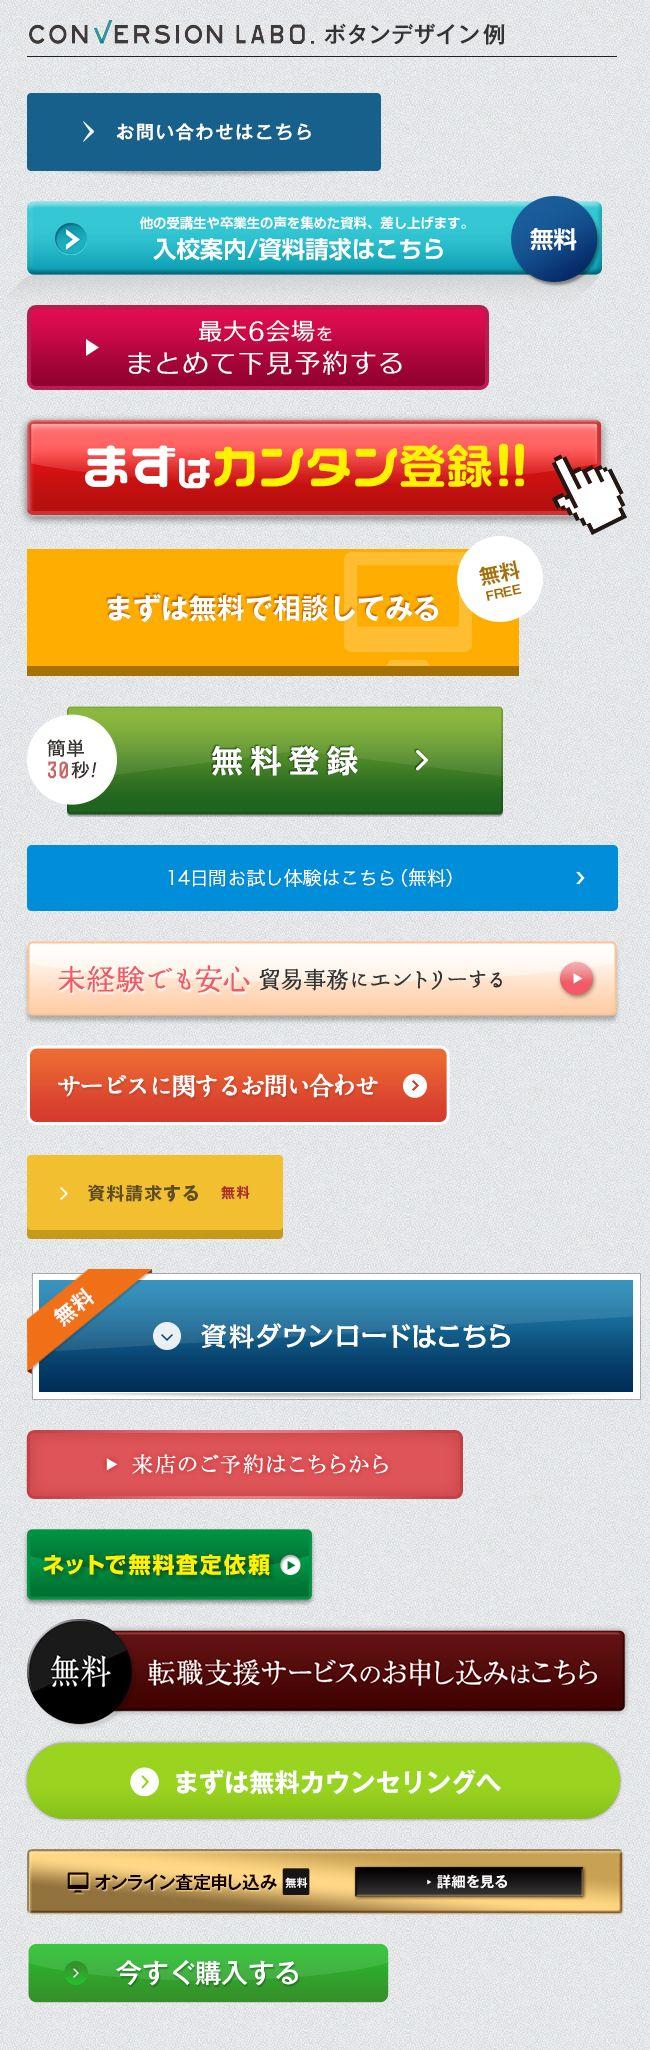 コンバージョンラボのボタンデザイン例